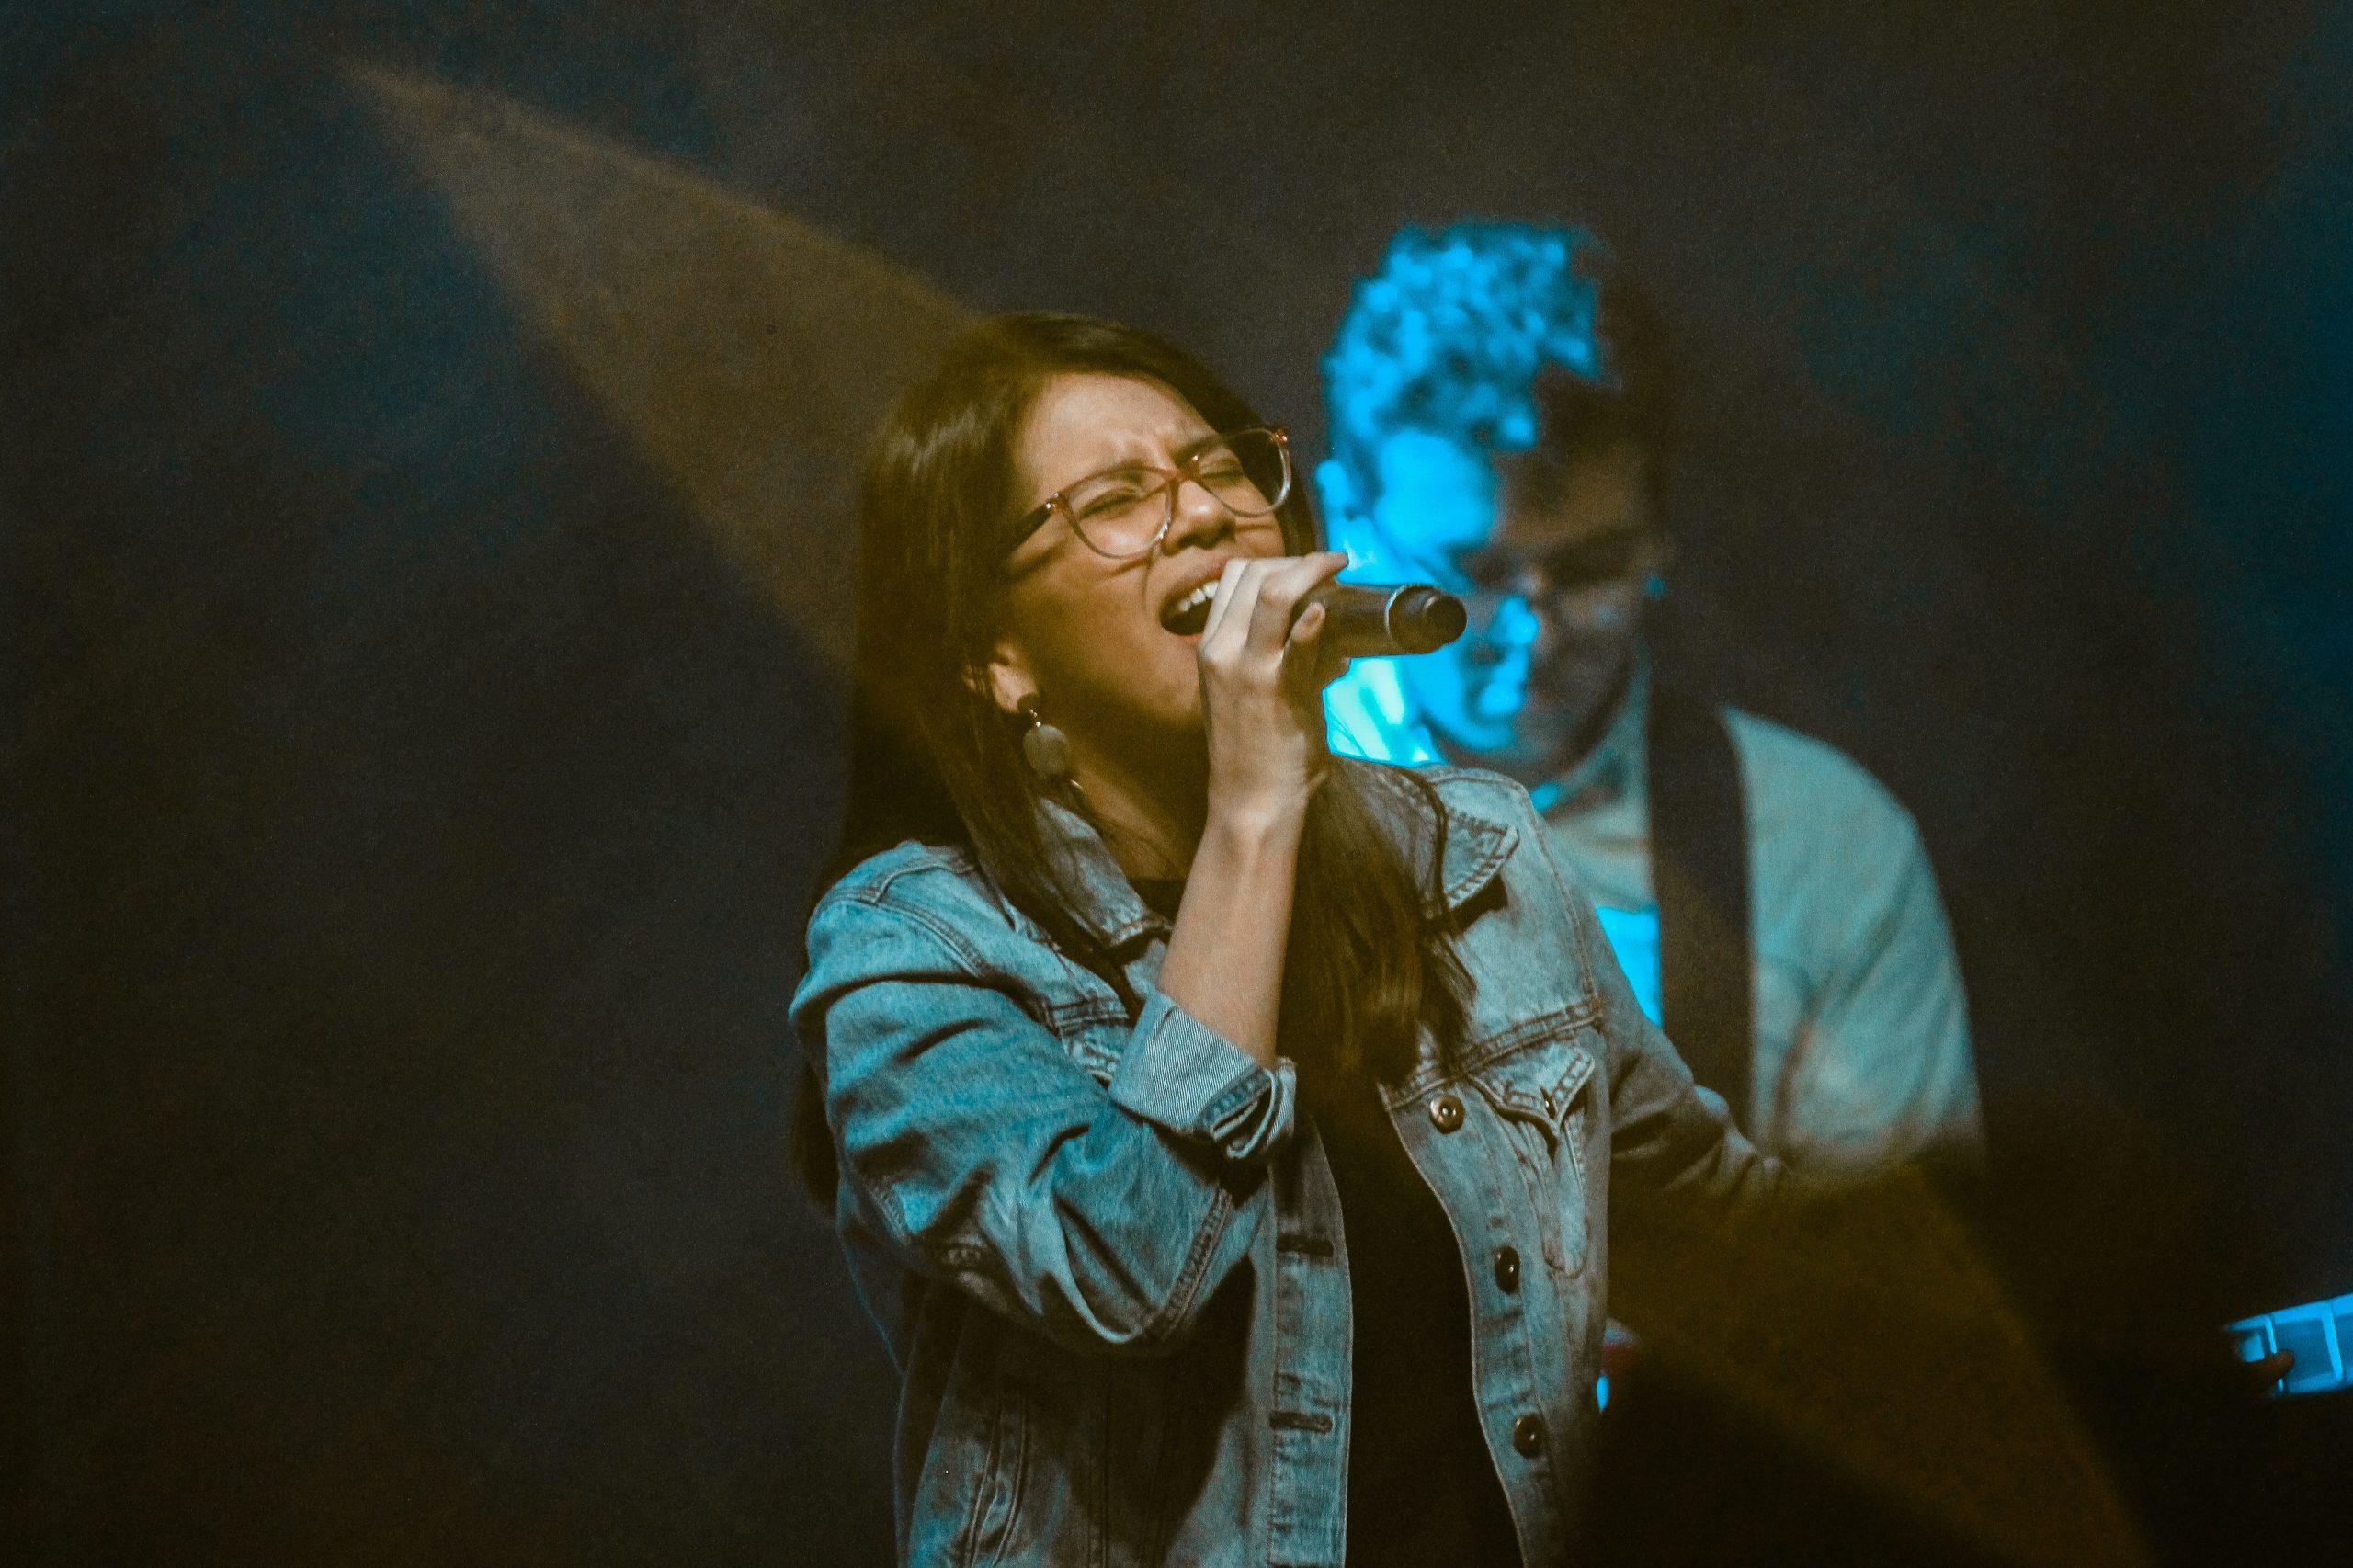 woman wearing blue denim jacket singing near man playing guitar